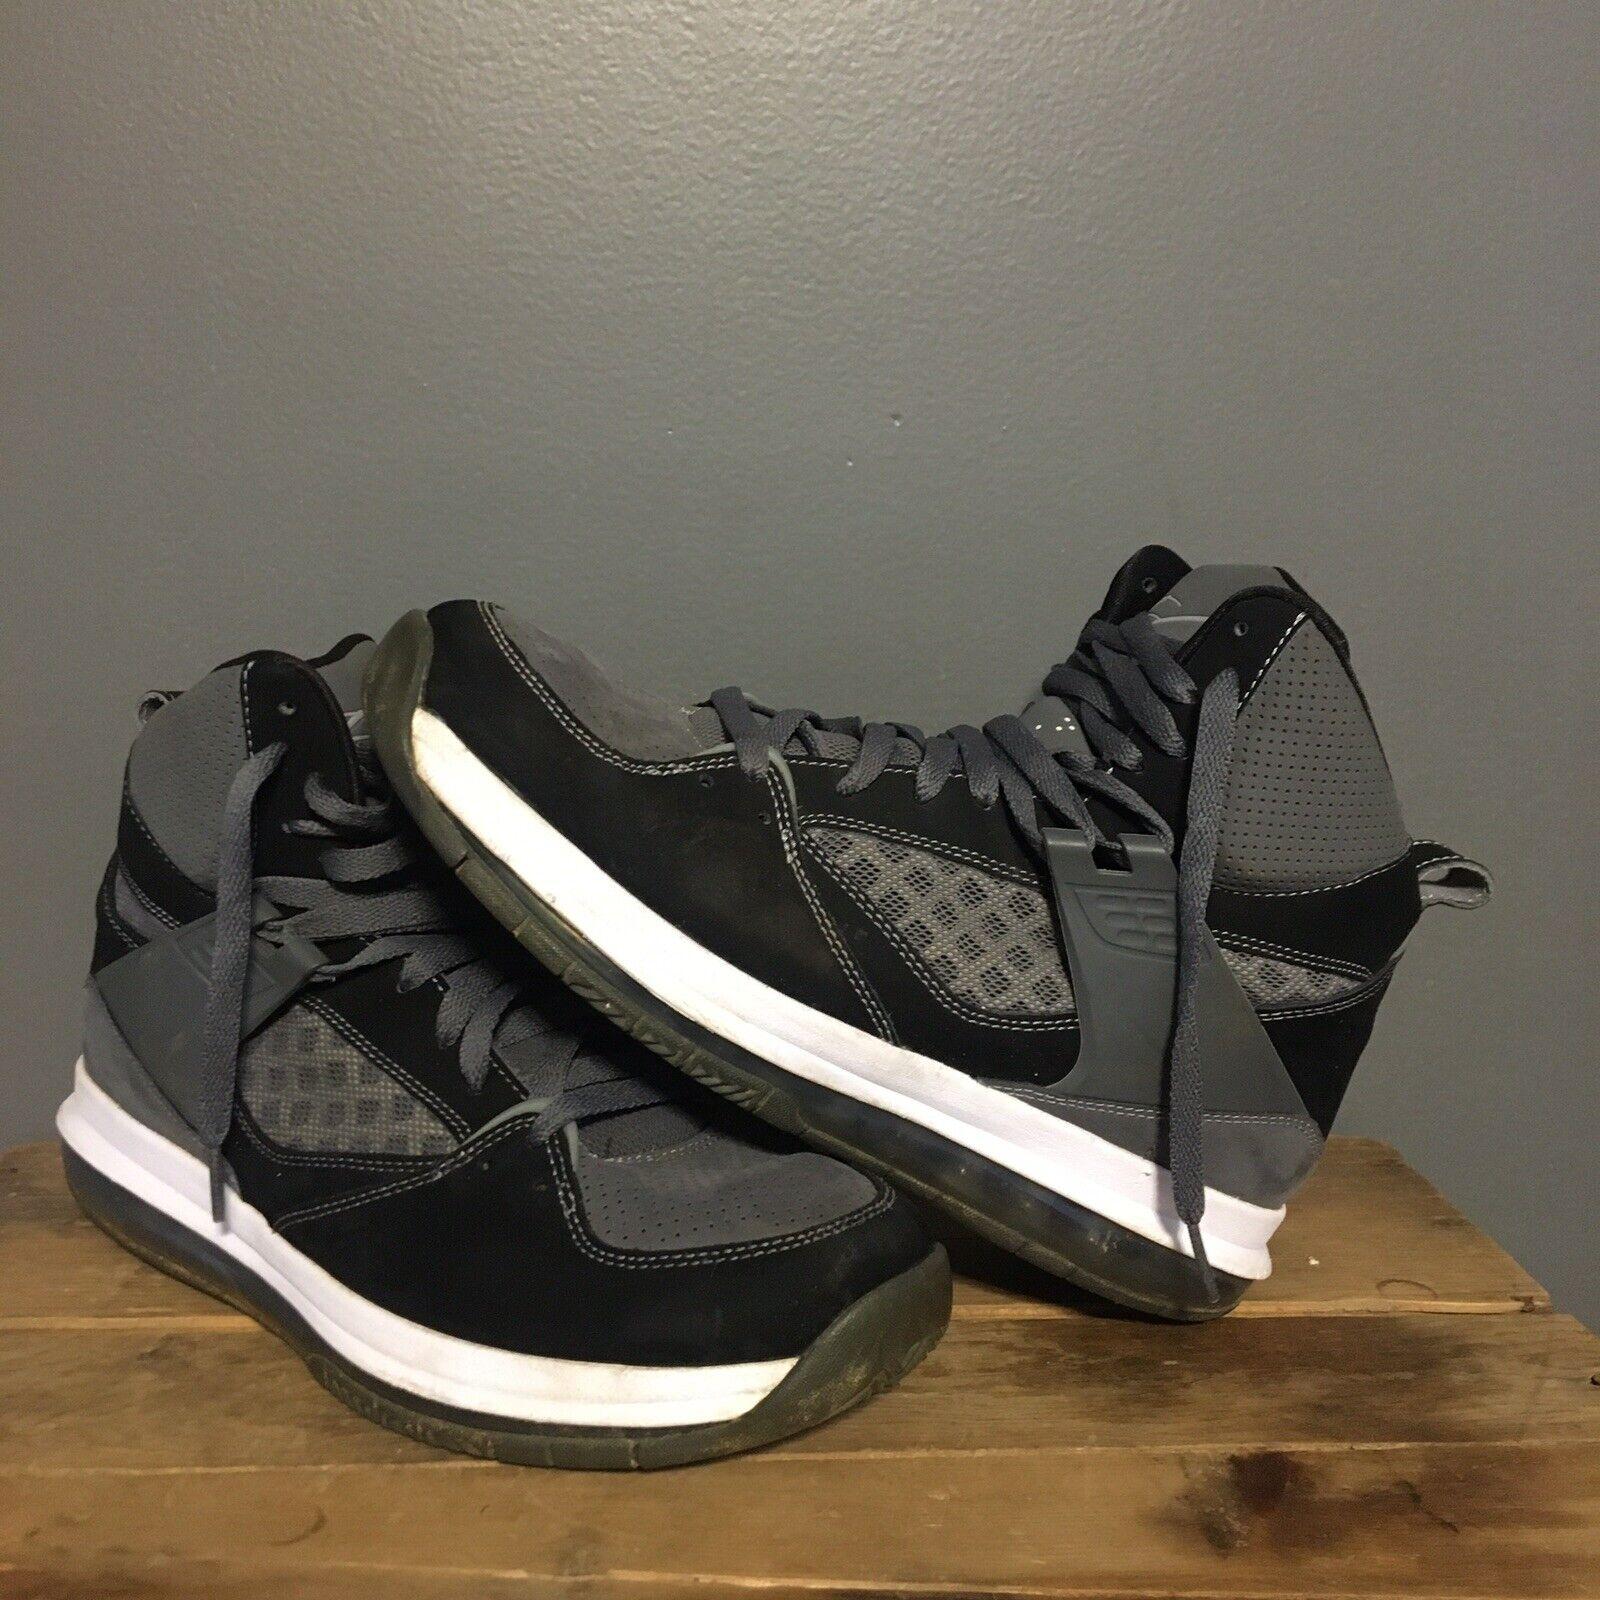 Nike Jordan Flight 45 High Max Mens